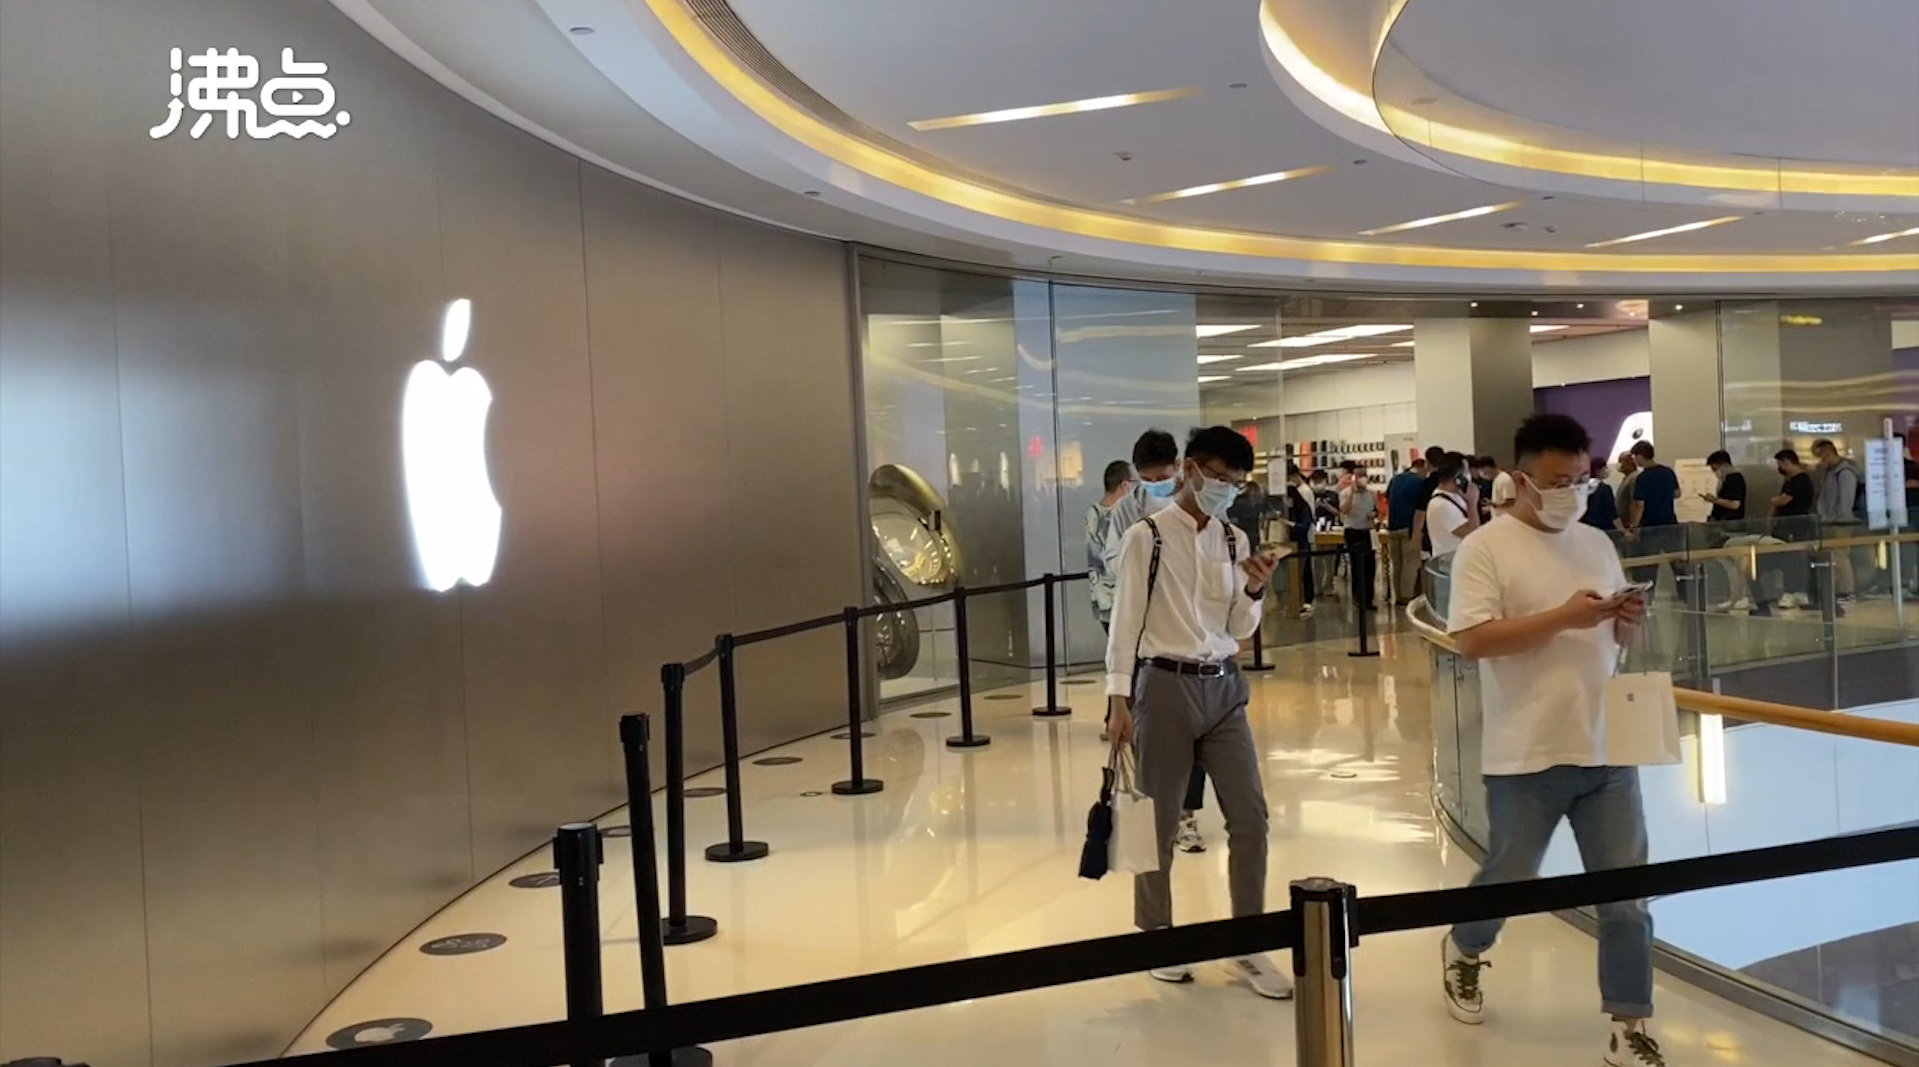 iPhone13系列开卖冷热不一:13破发,Pro加价过千